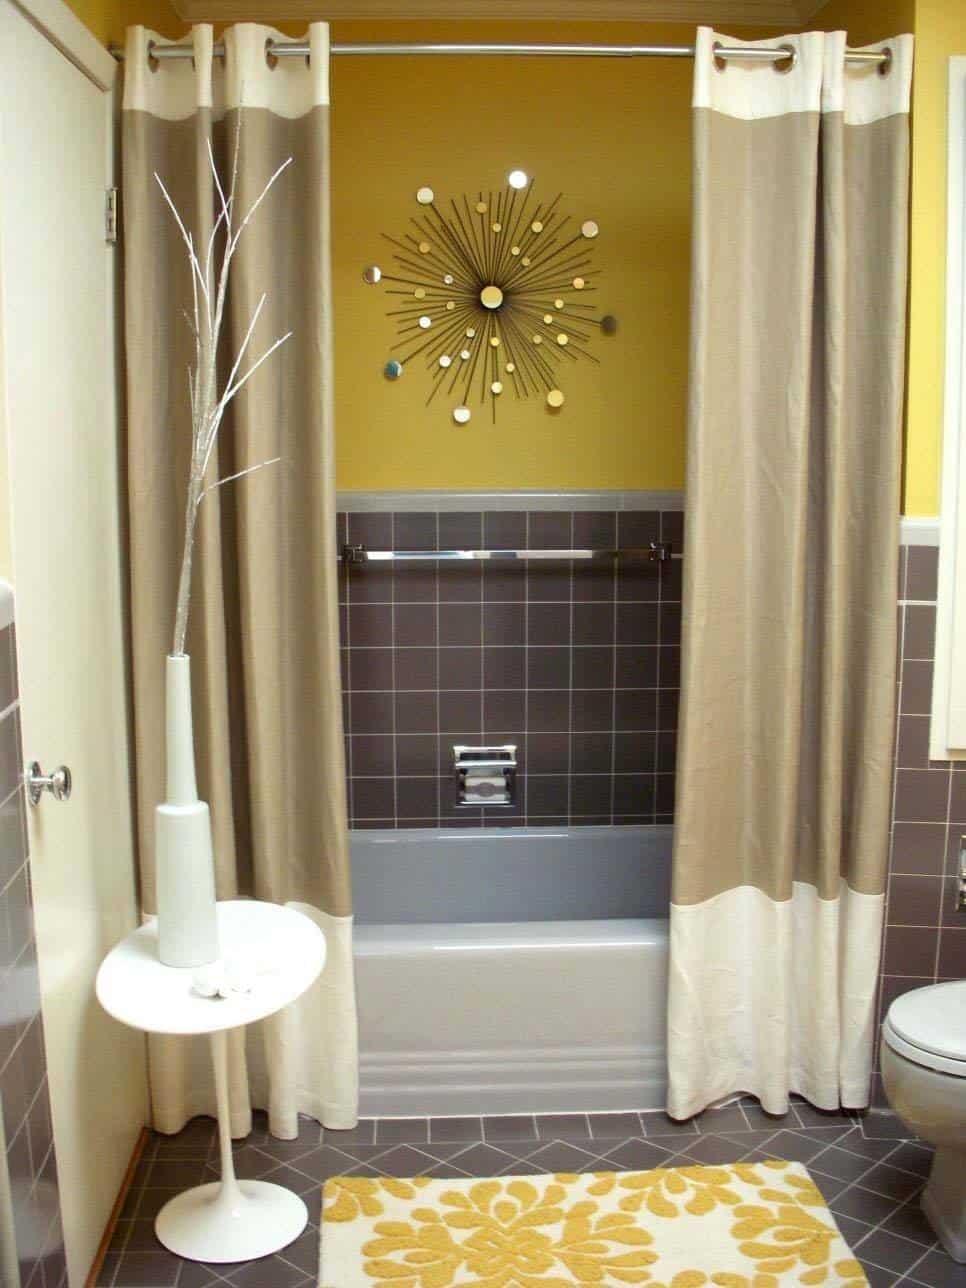 Mid-Century Modern Bathroom Ideas-37-1 Kindesign